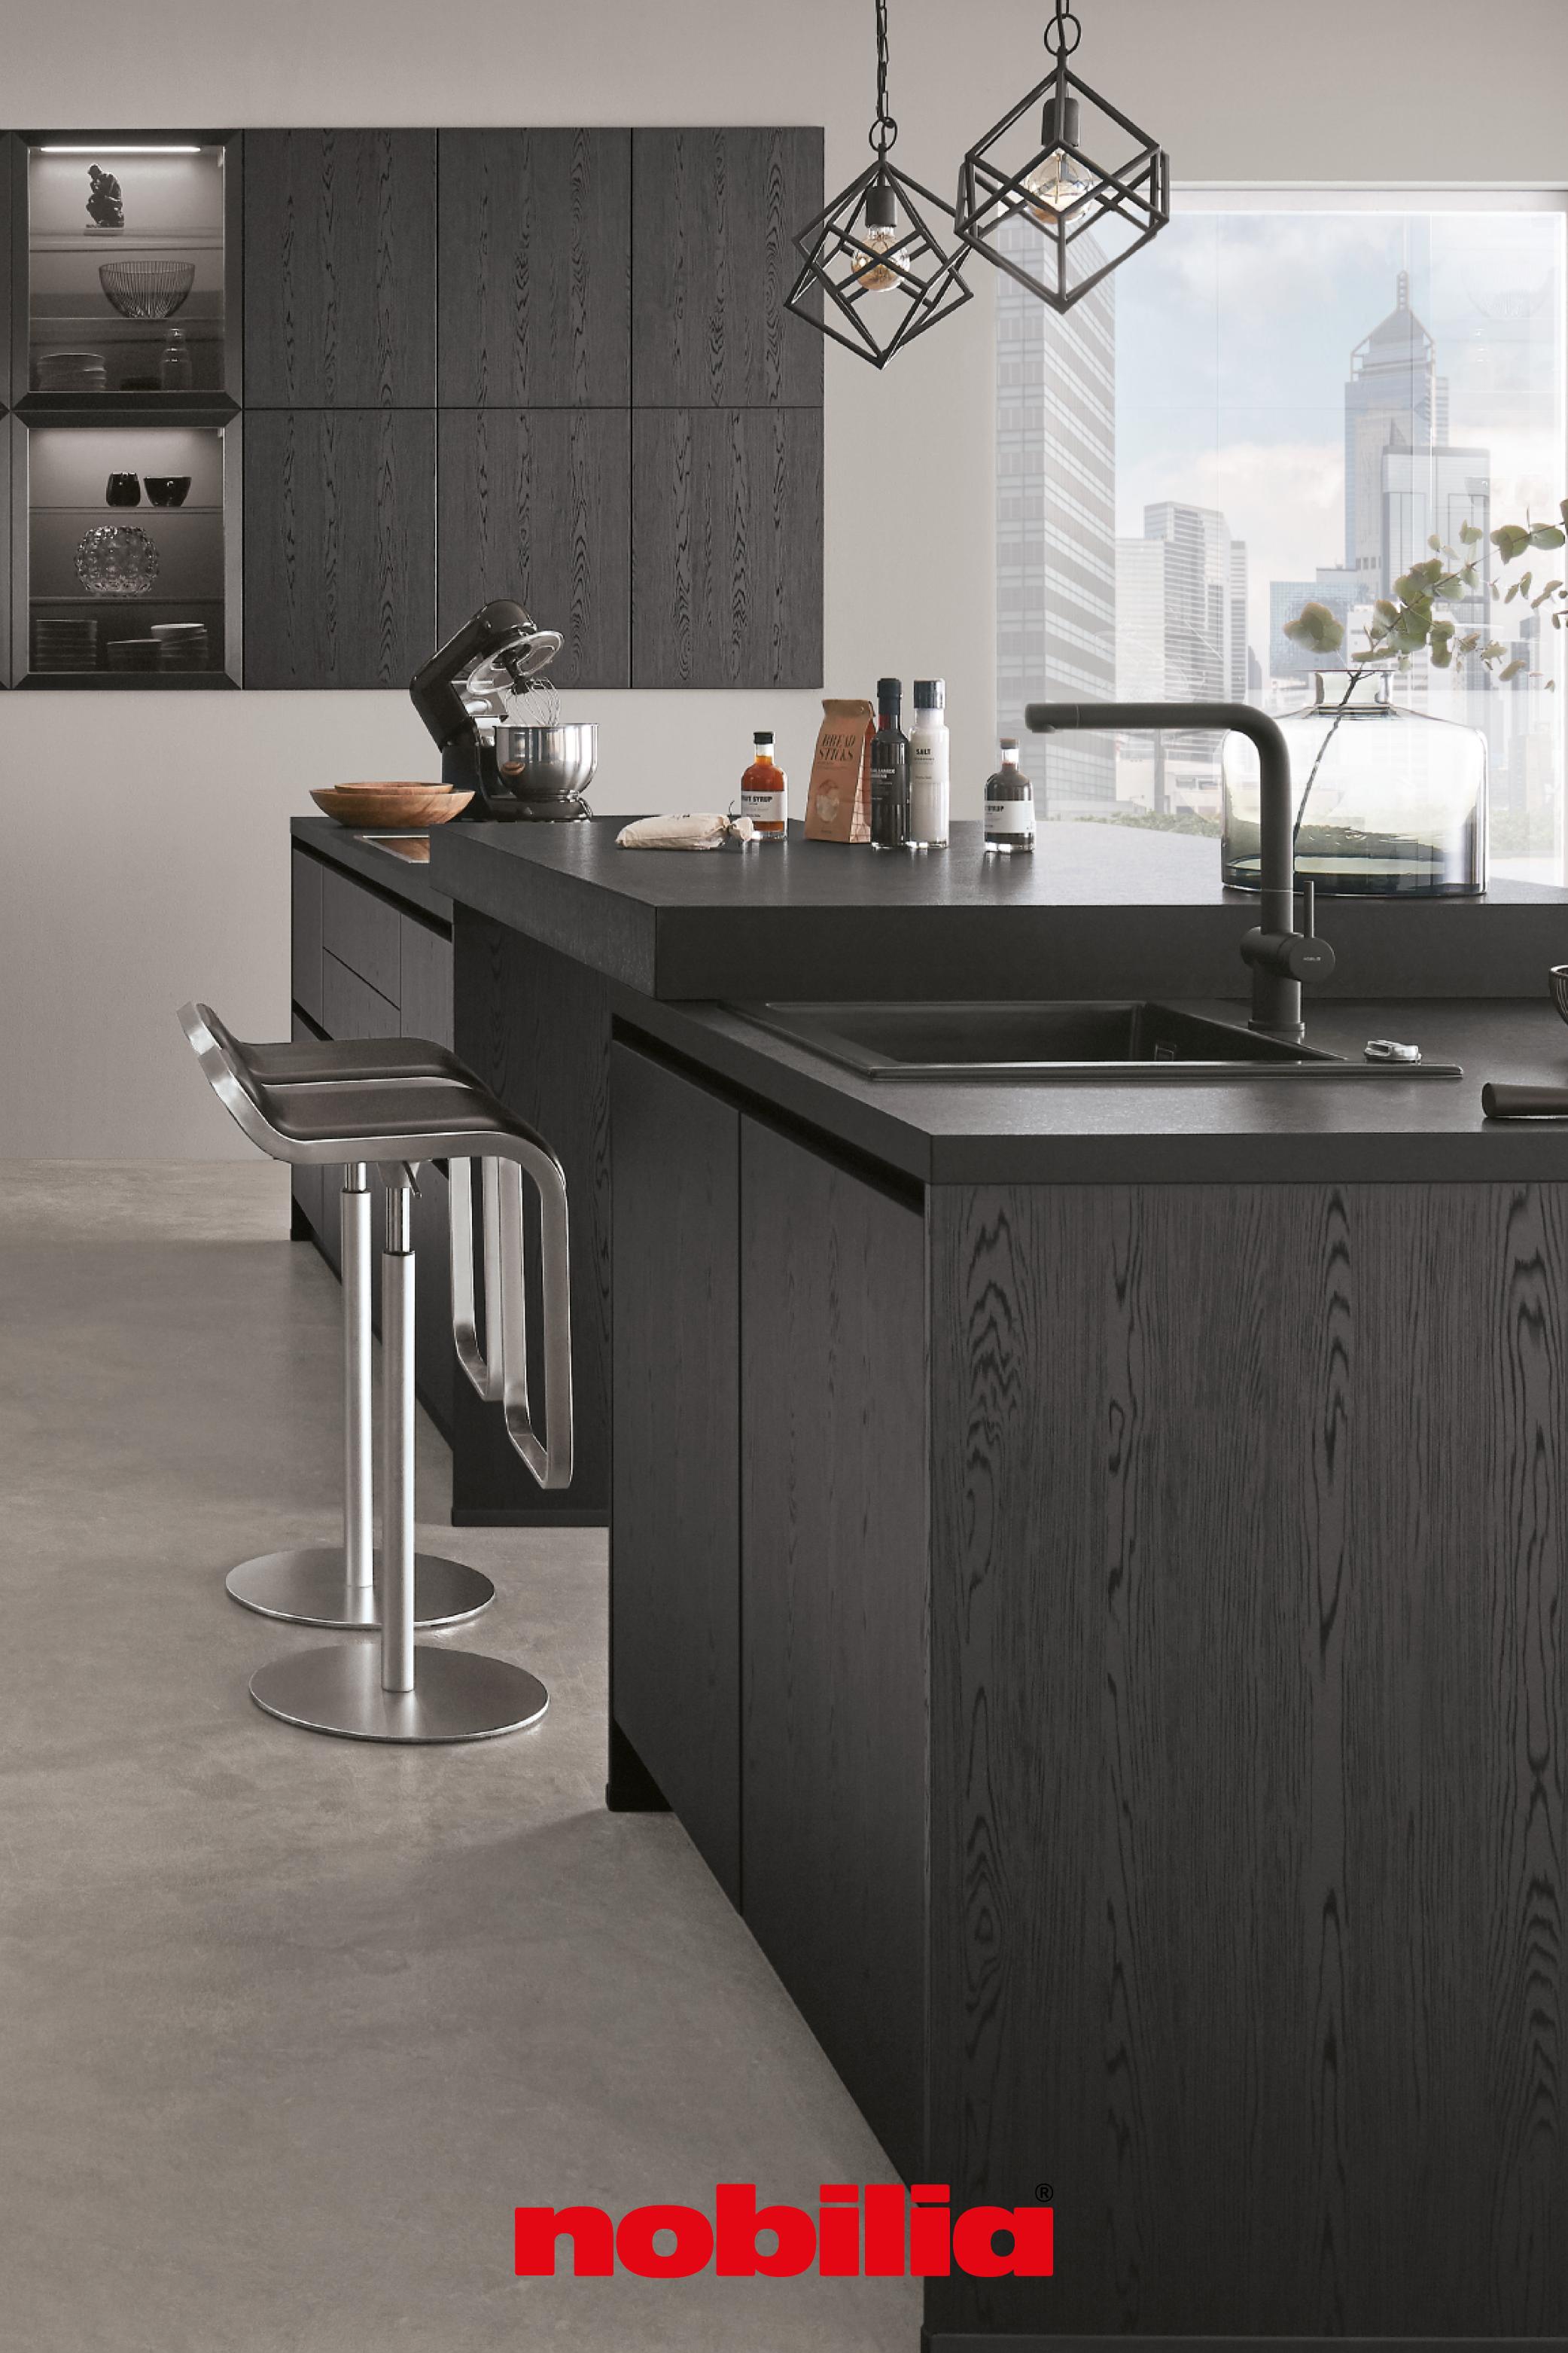 modernes küchendesign trifft auf dunkle töne das elegante